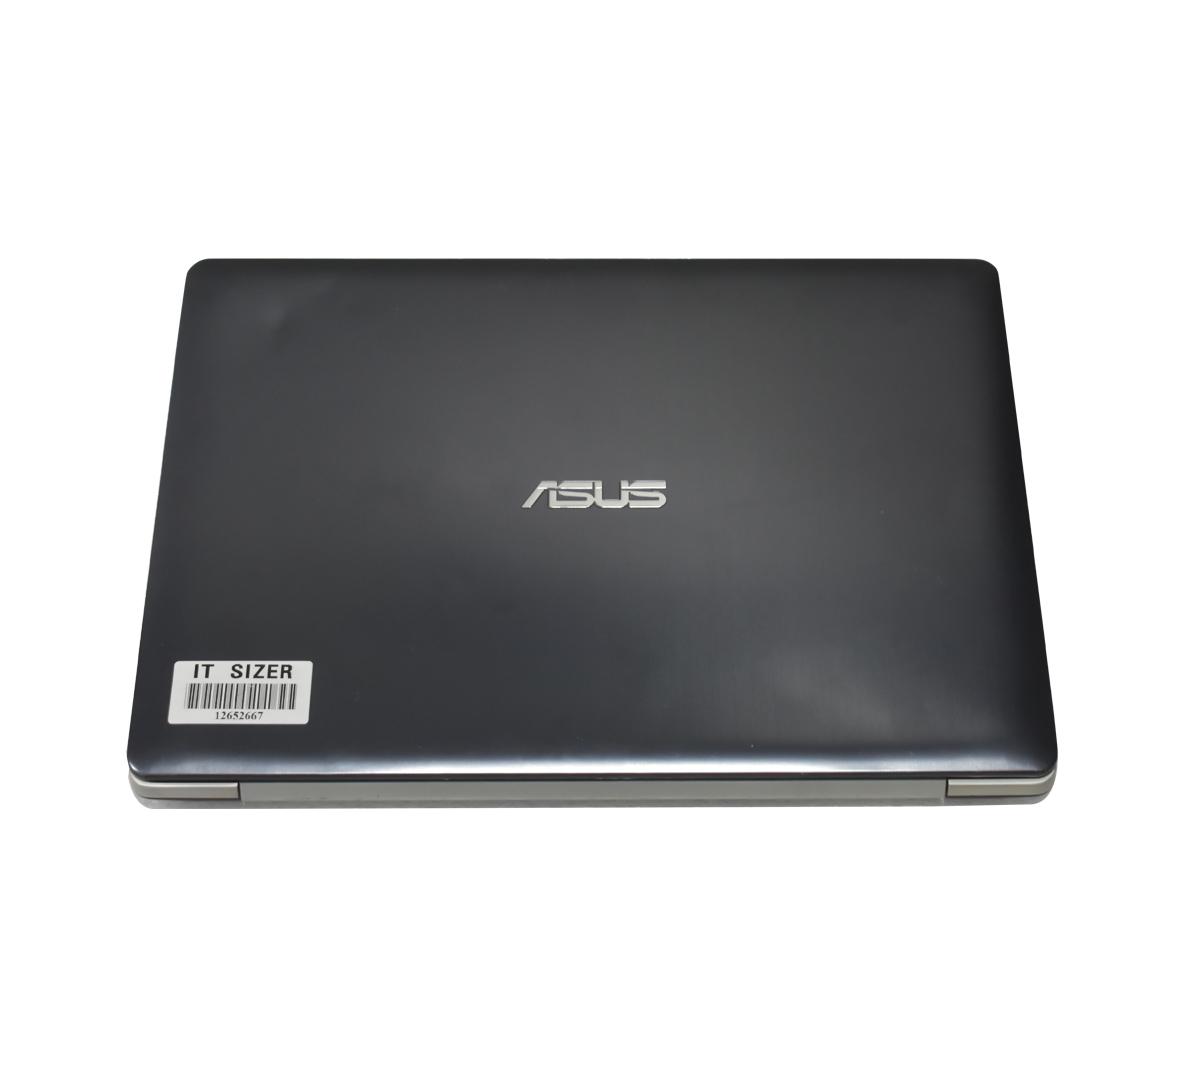 Asus Q301L Business Laptop, Intel Core i5-4200U CPU, 8GB DDR3L SODIMM RAM, 256GB SSD 2.5, 14 inch Touch Display, Windows 10 Pro (Refurbished)